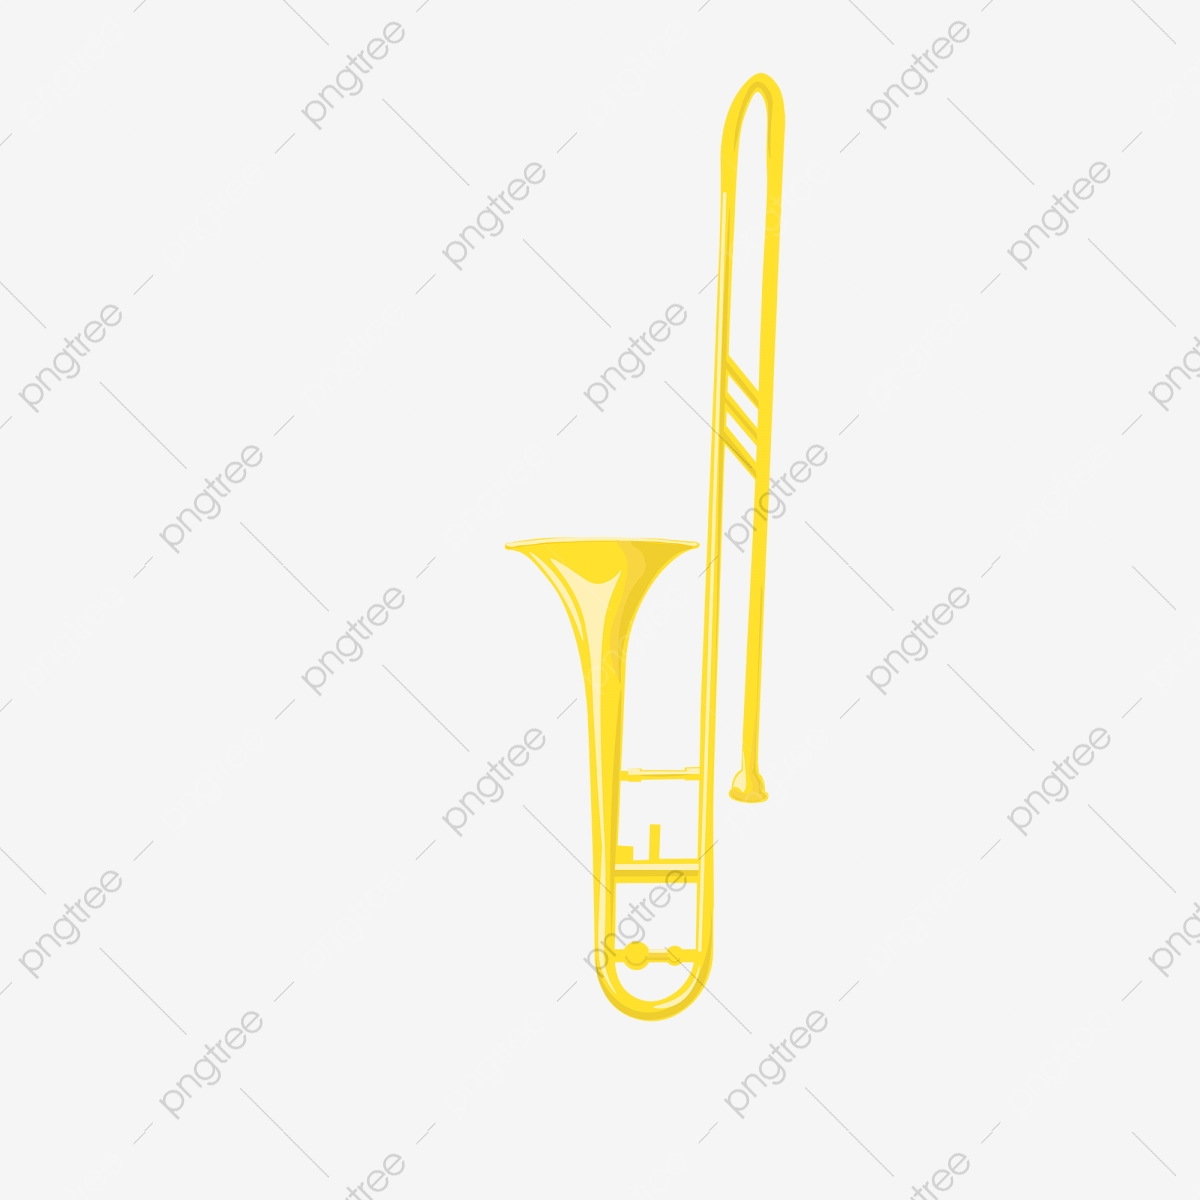 楽器黄色のトロンボーン要素 楽器 音楽祭 黄画像素材の無料ダウンロードのためのpngとベクトル